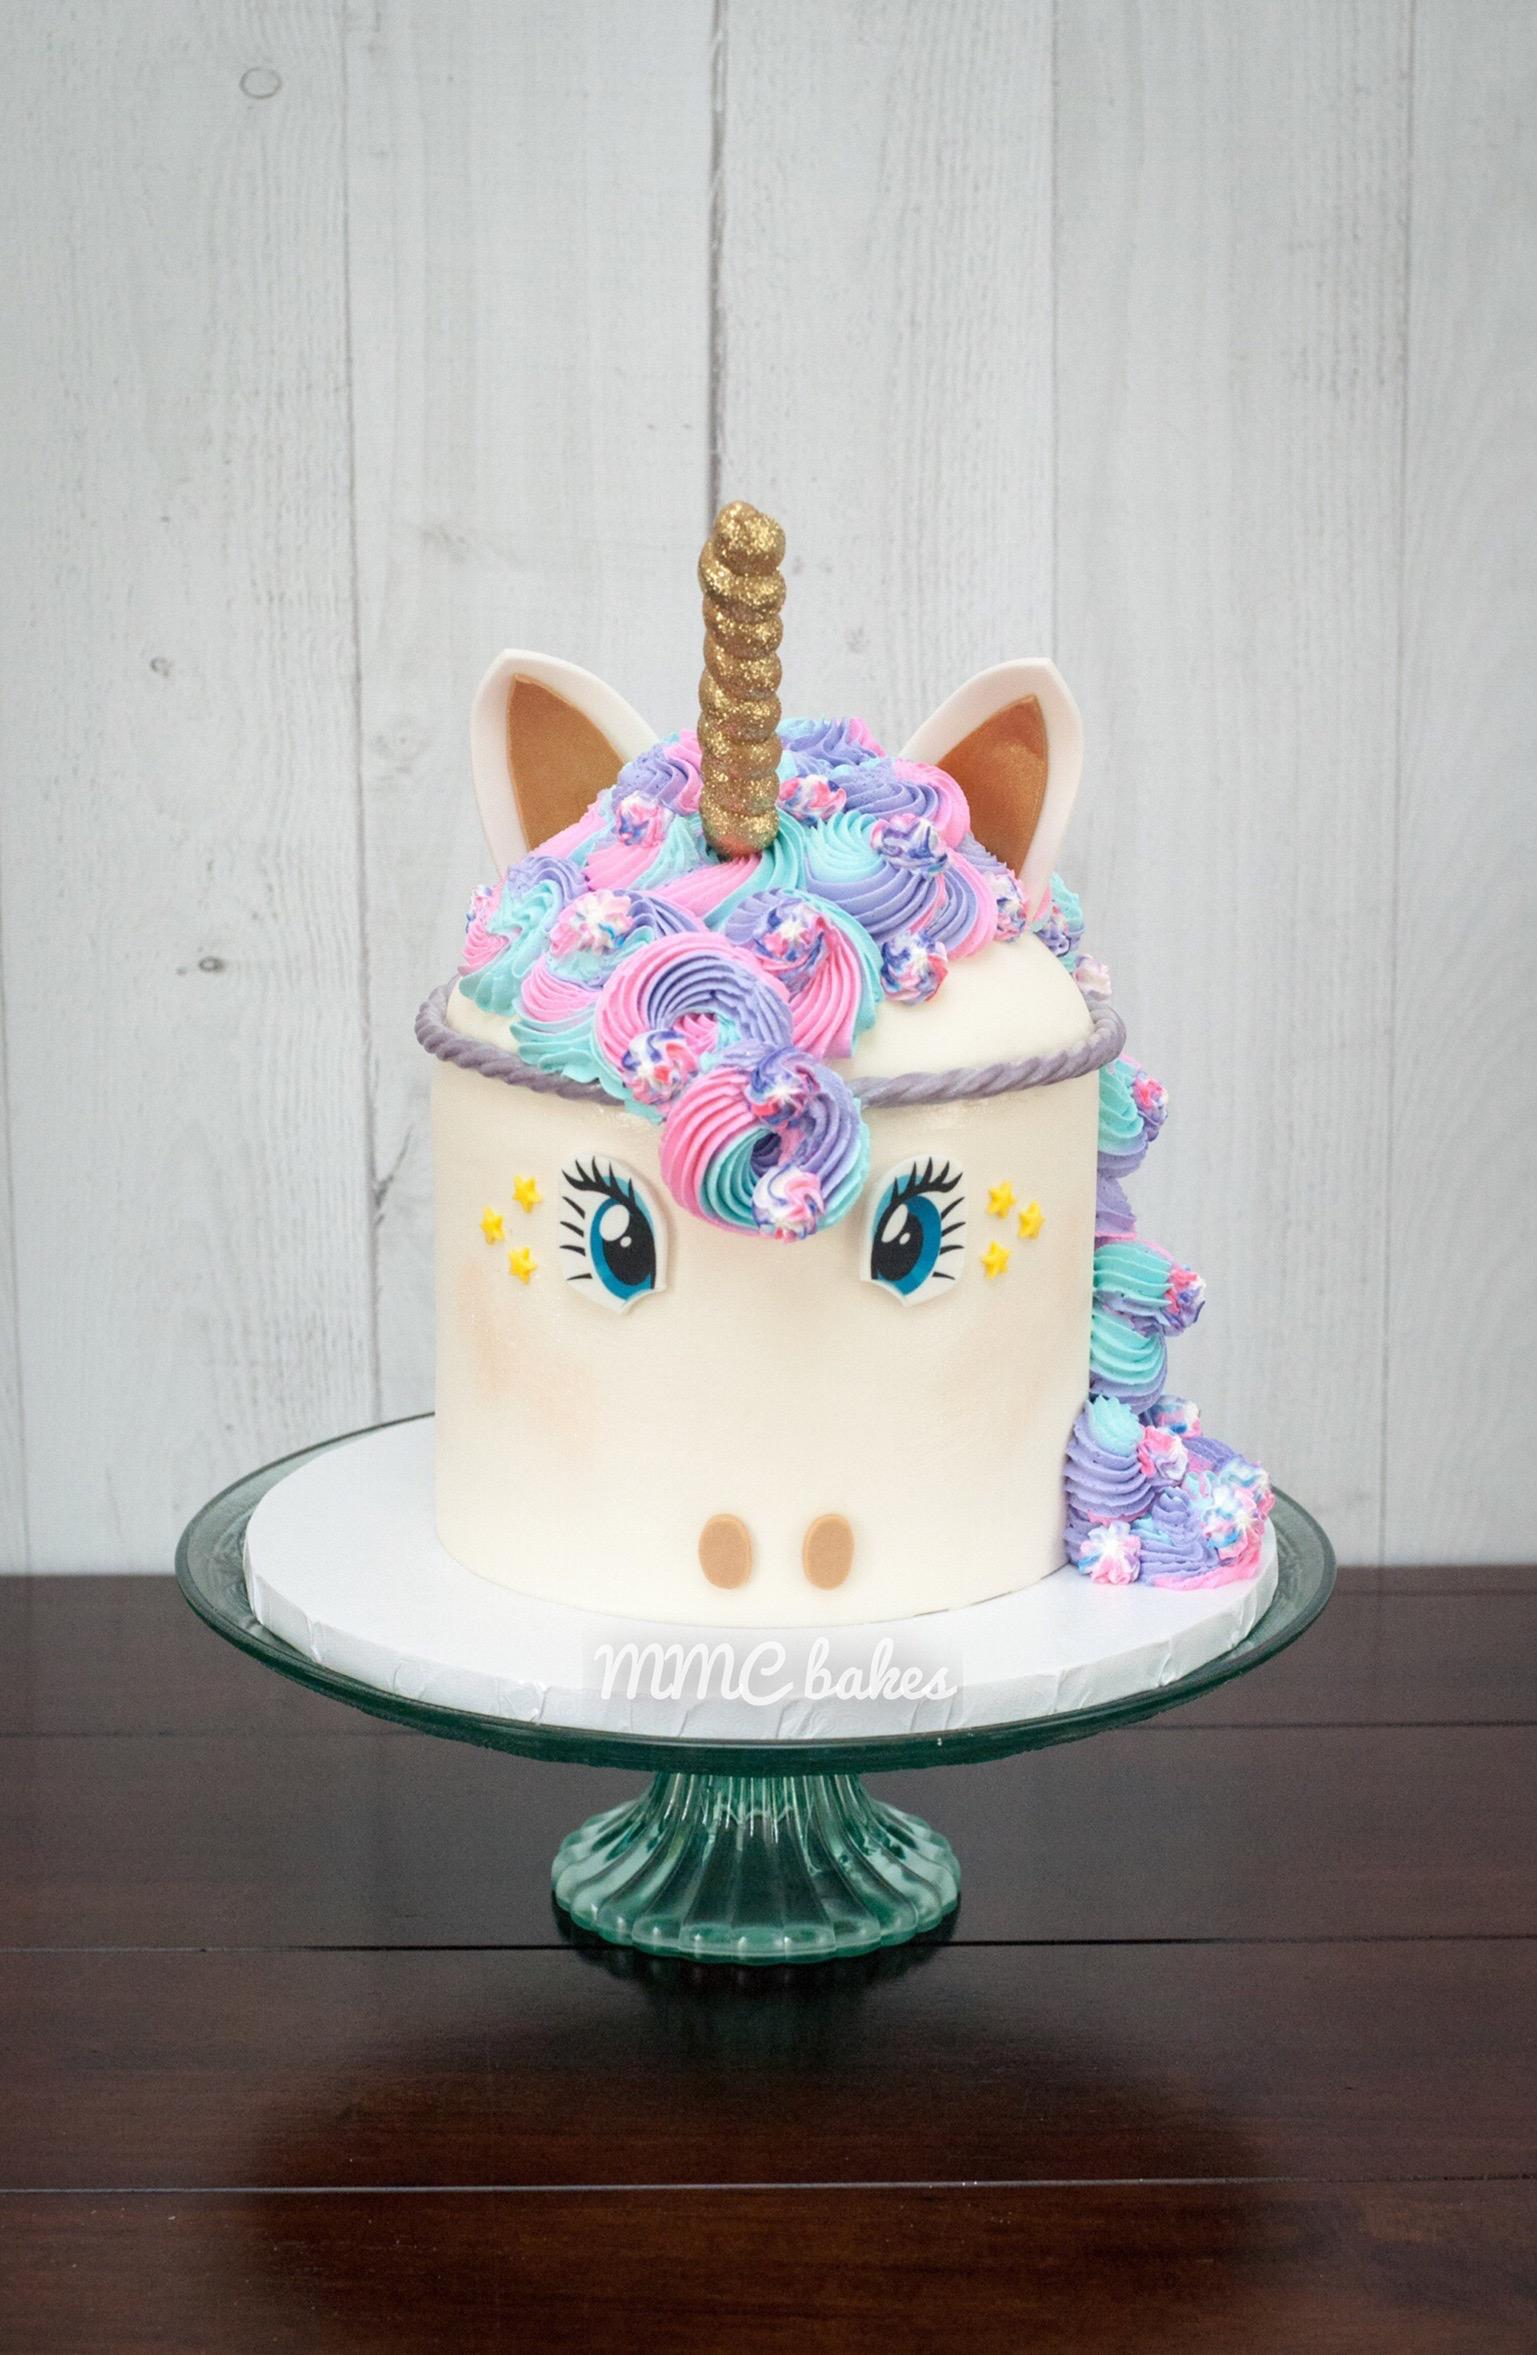 Unicorn Cake Mmc Bakes